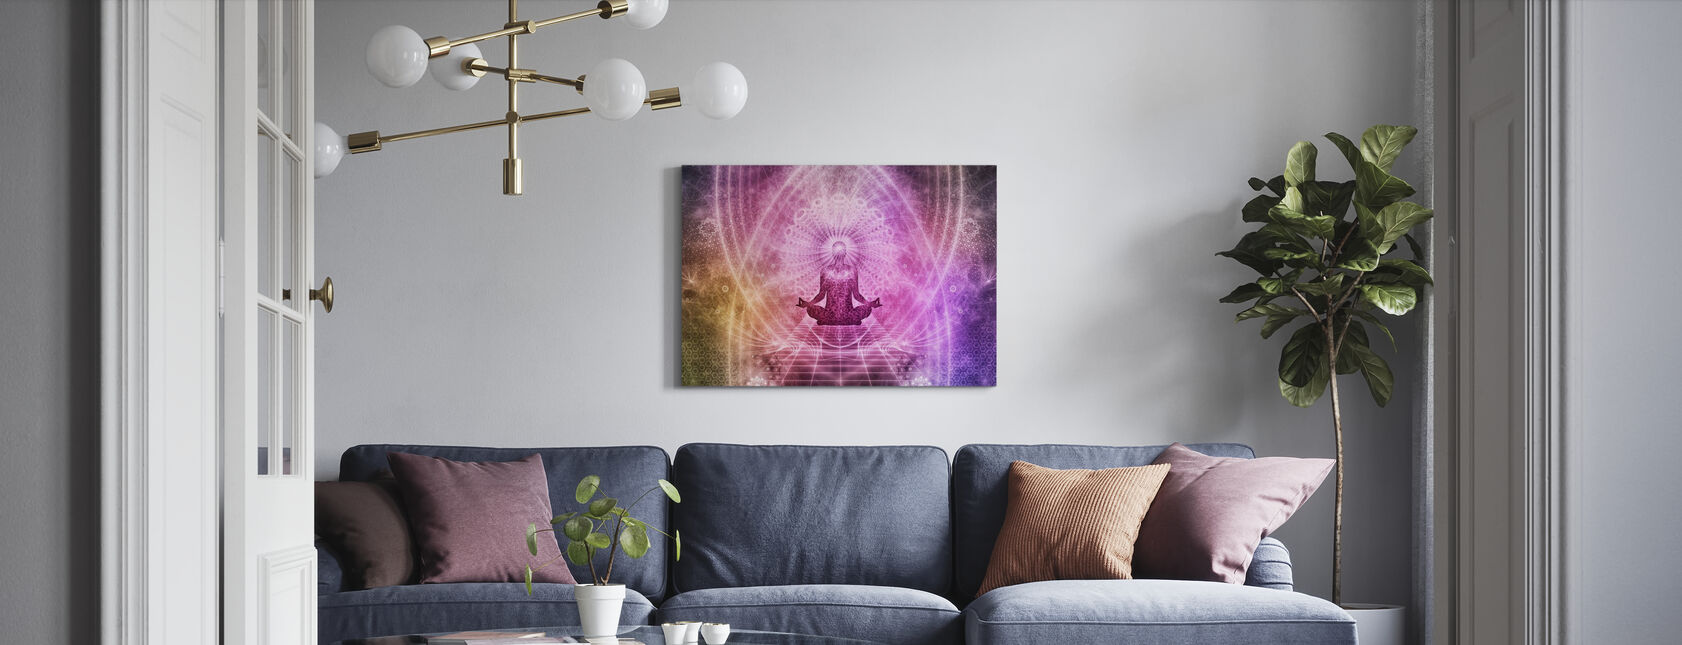 Spirituelle Meditation - Leinwandbild - Wohnzimmer